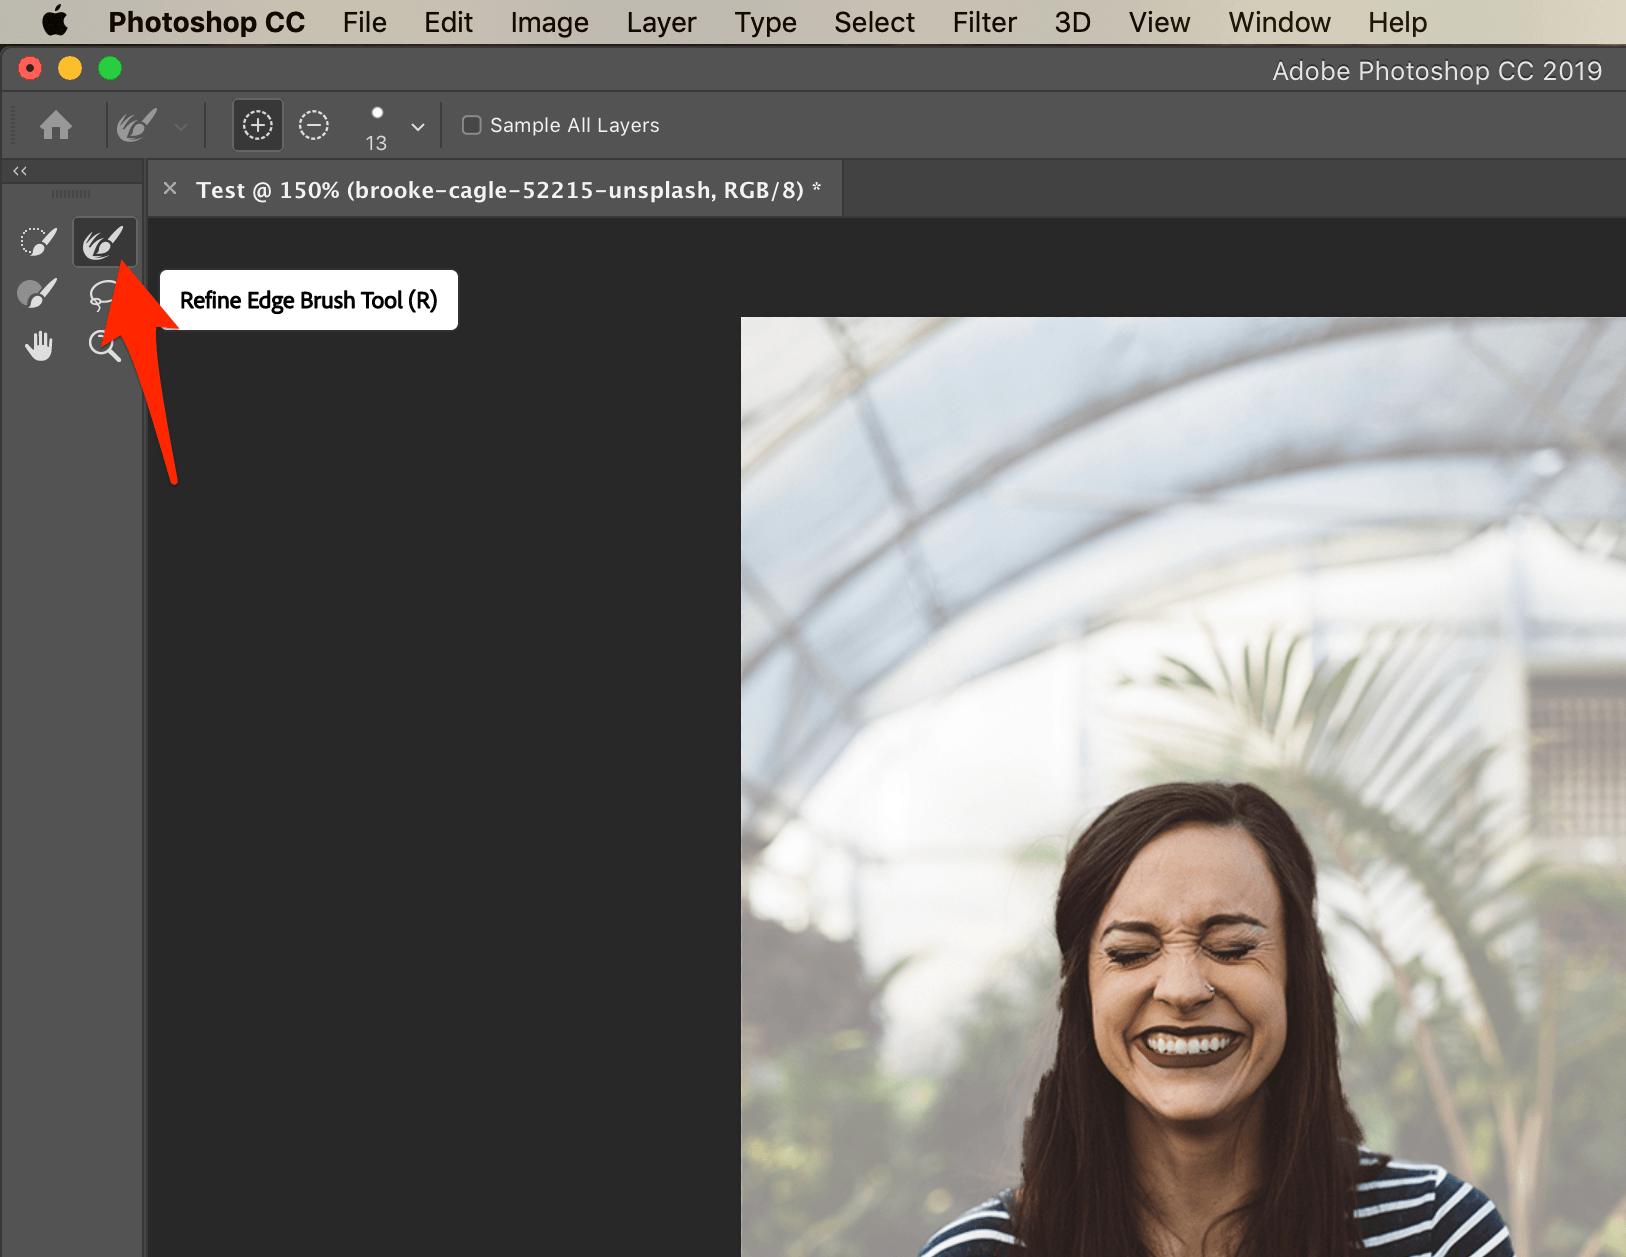 Photoshop Refine Edge Brush Tool